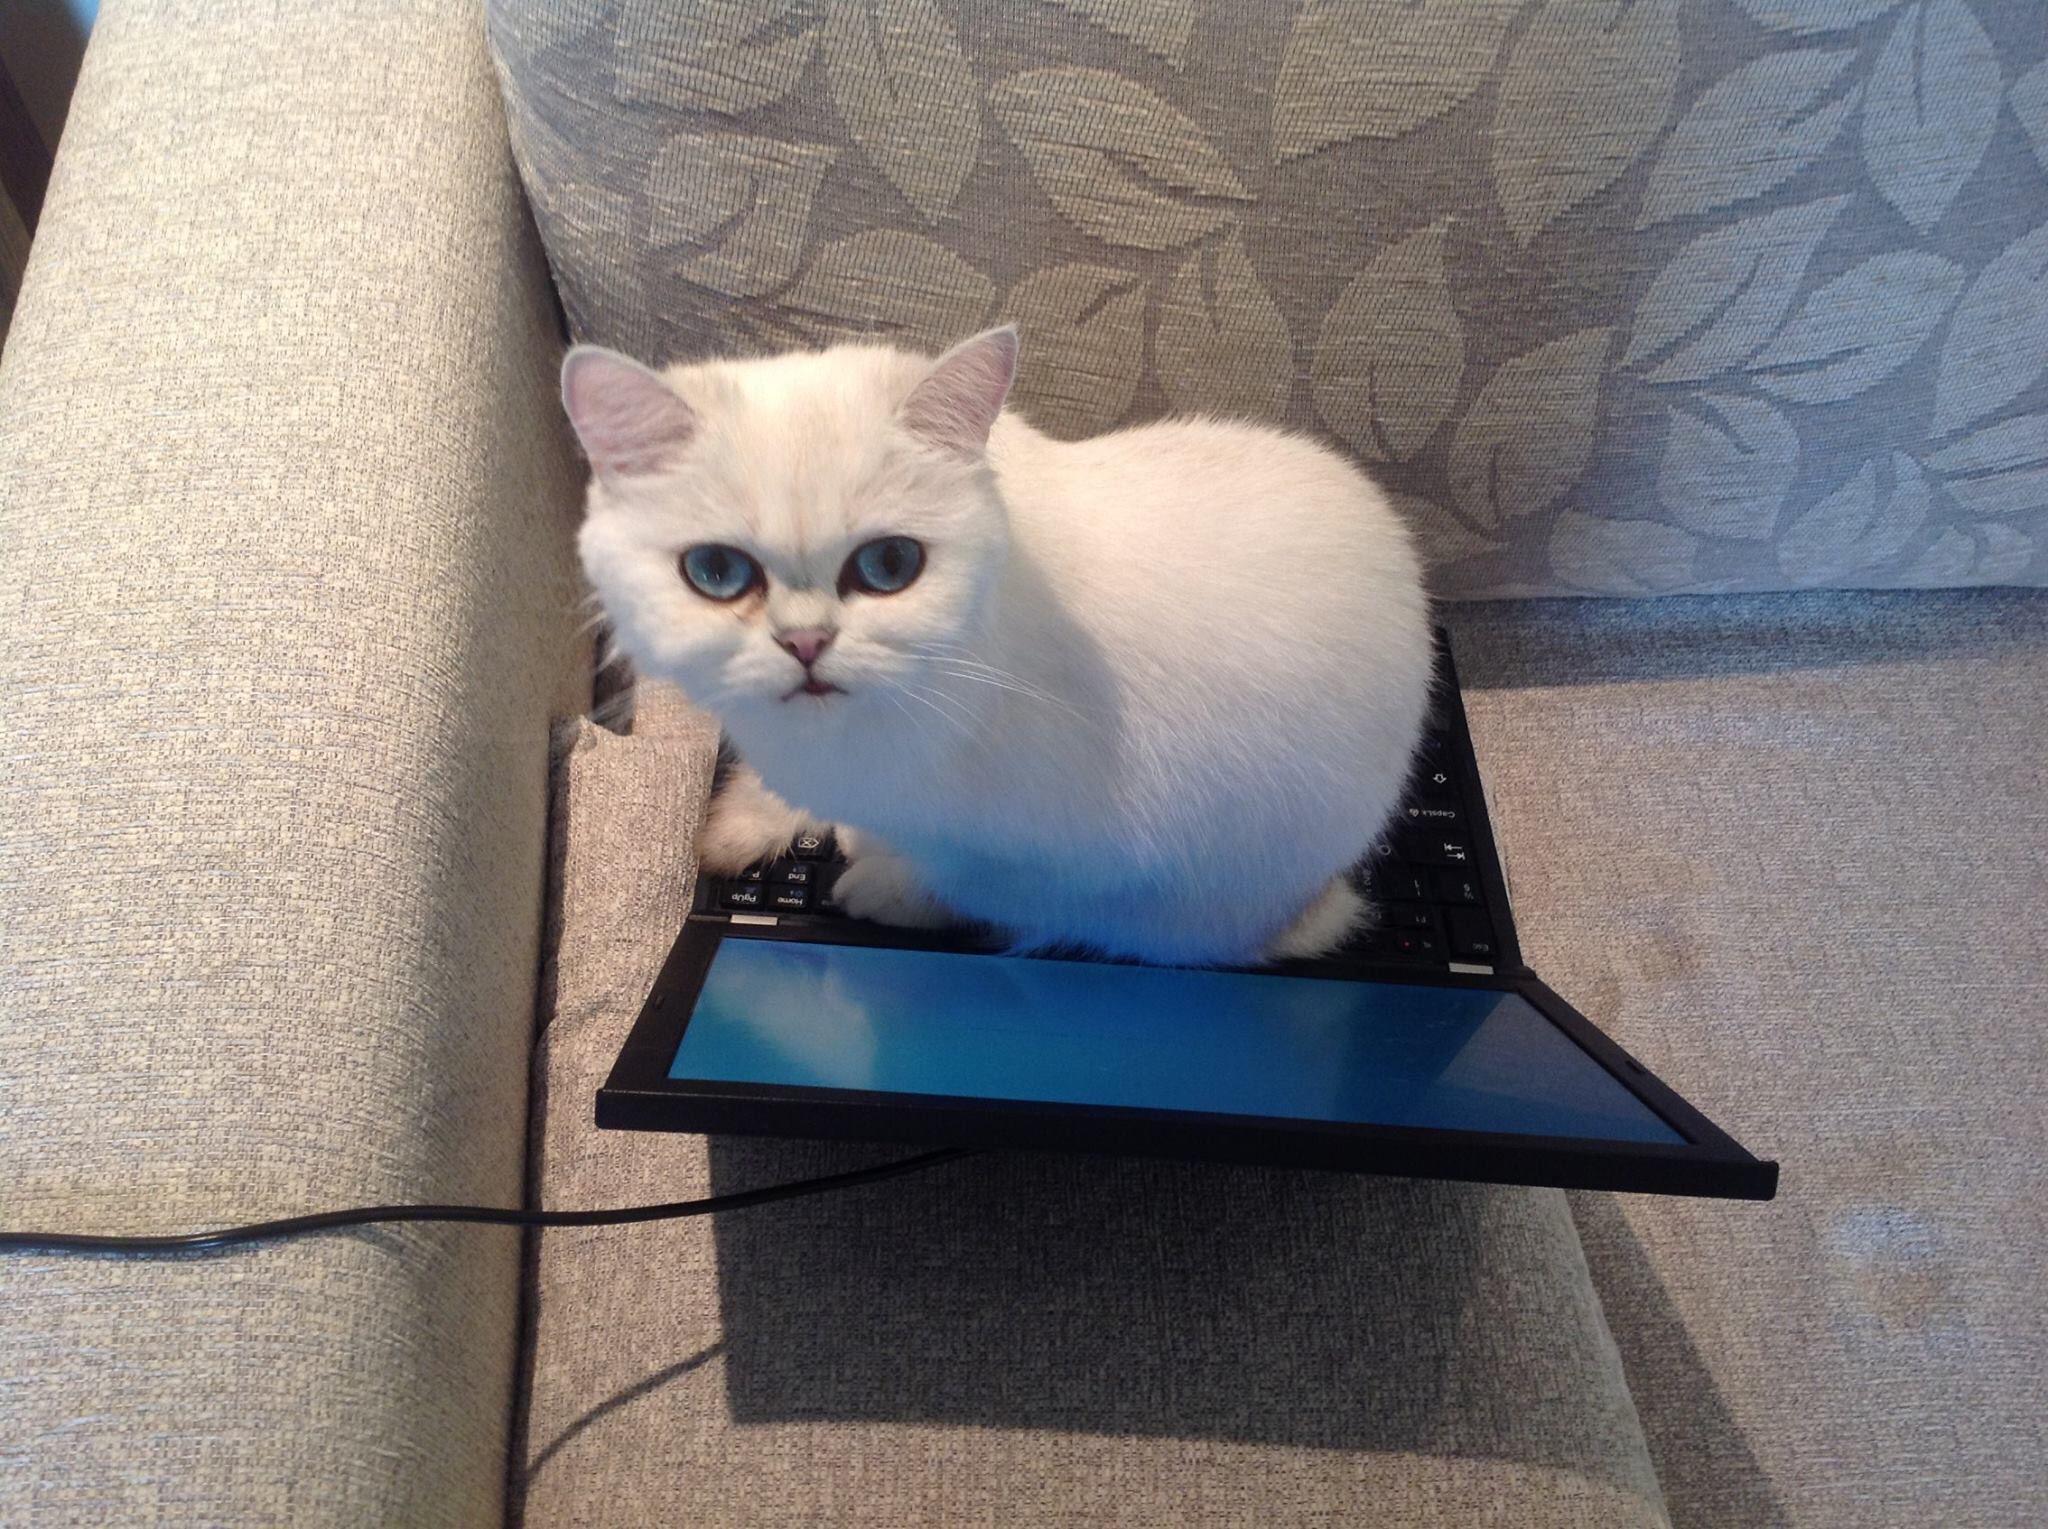 Kitty2222222